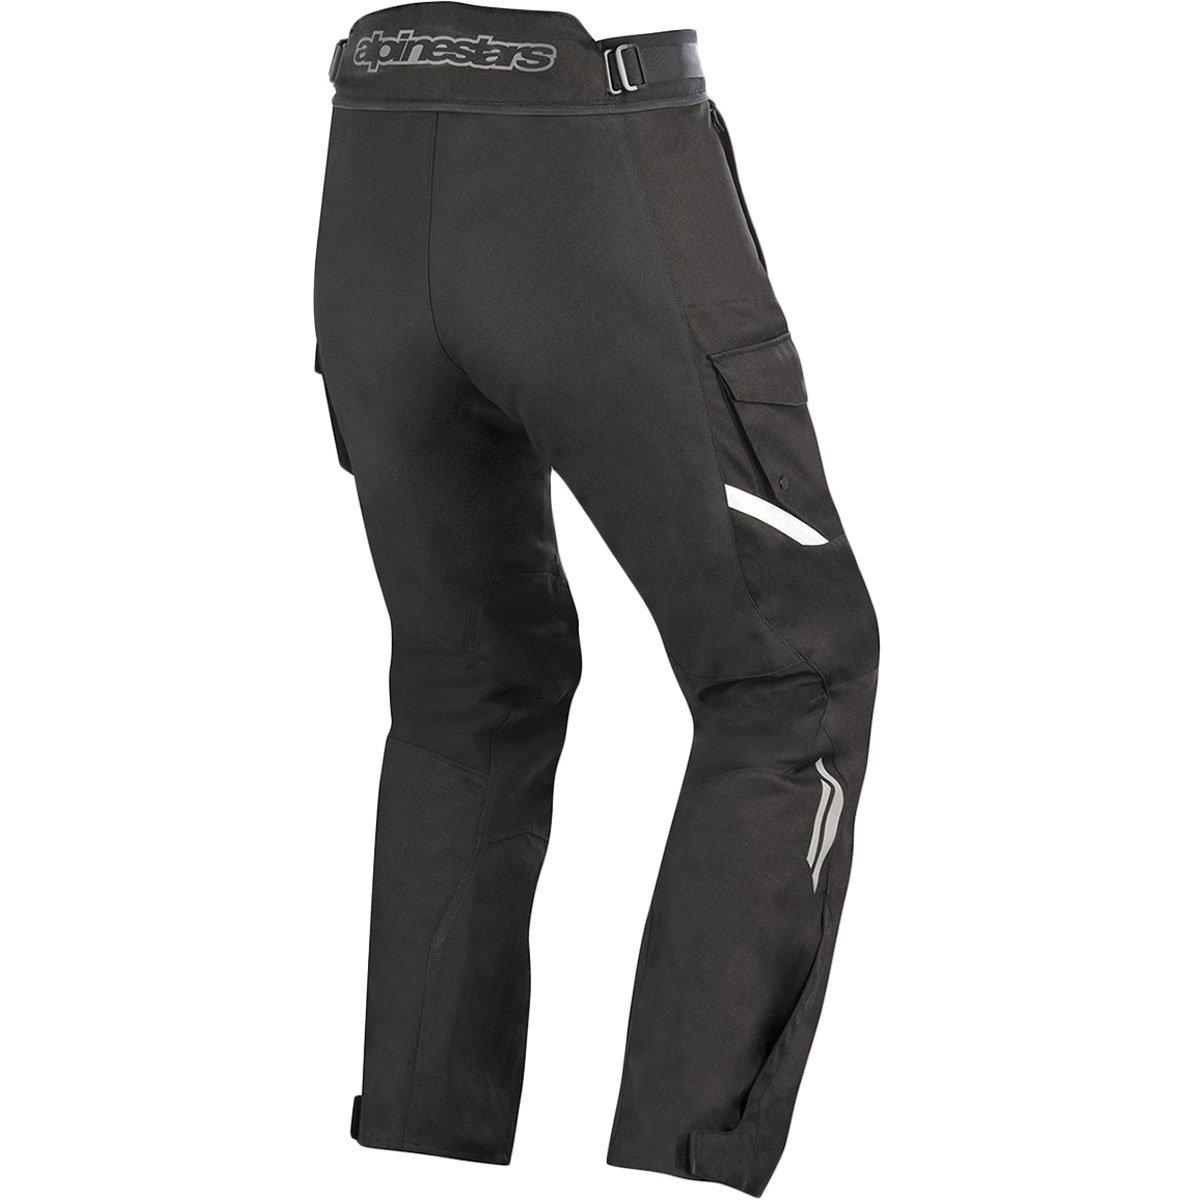 Alpinestars Andes Drystar V2 Men's Motorcycle Pants - Black / Medium